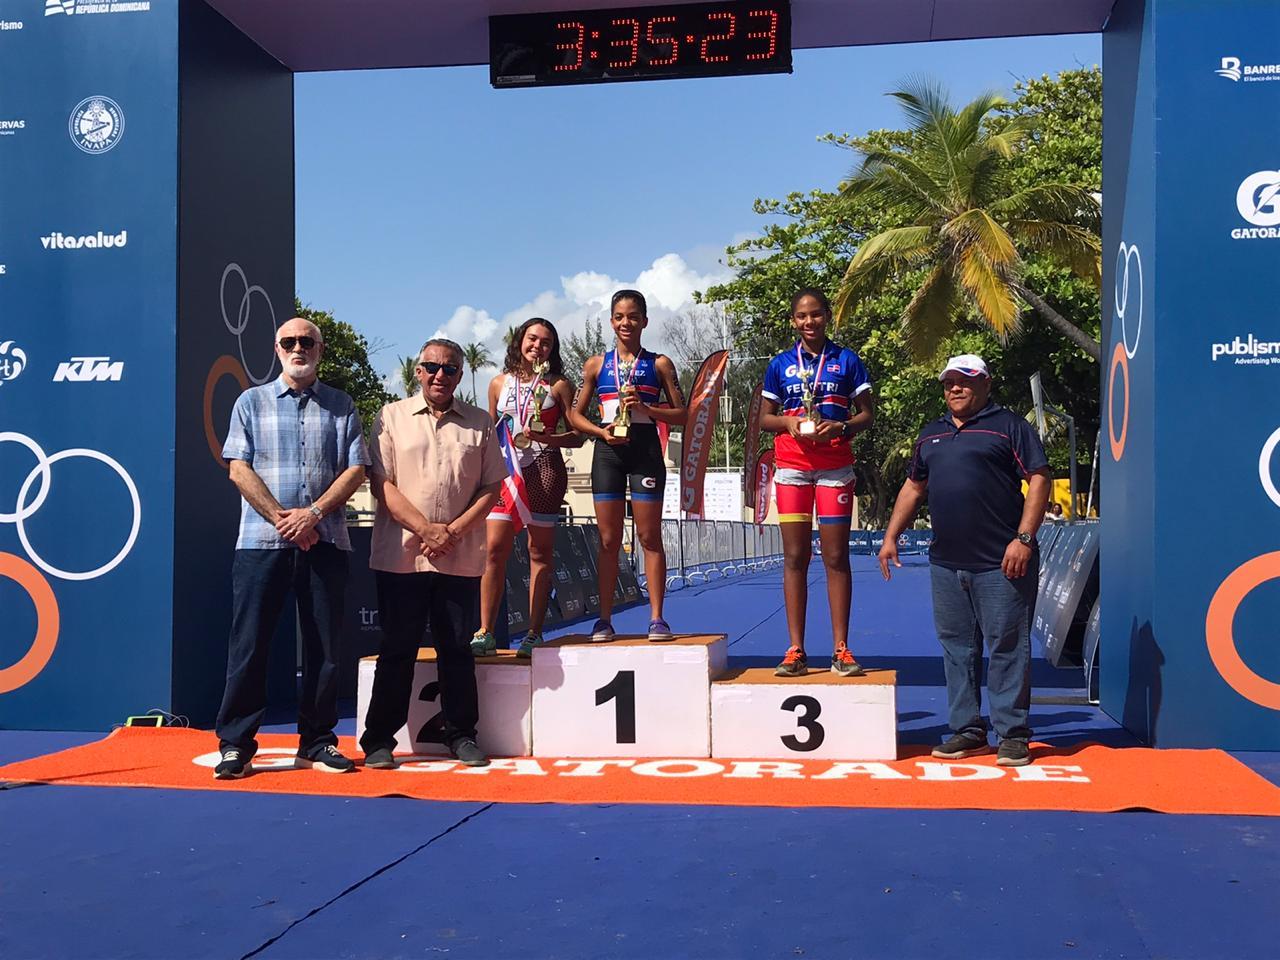 López, Martínez, Ariana y Tirado, primer lugar nacional triatlón